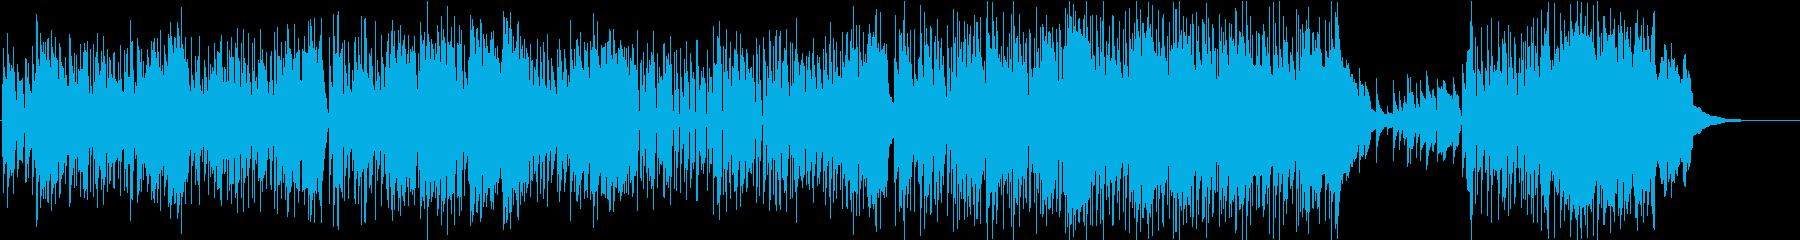 エンドオブヴァケイションの再生済みの波形